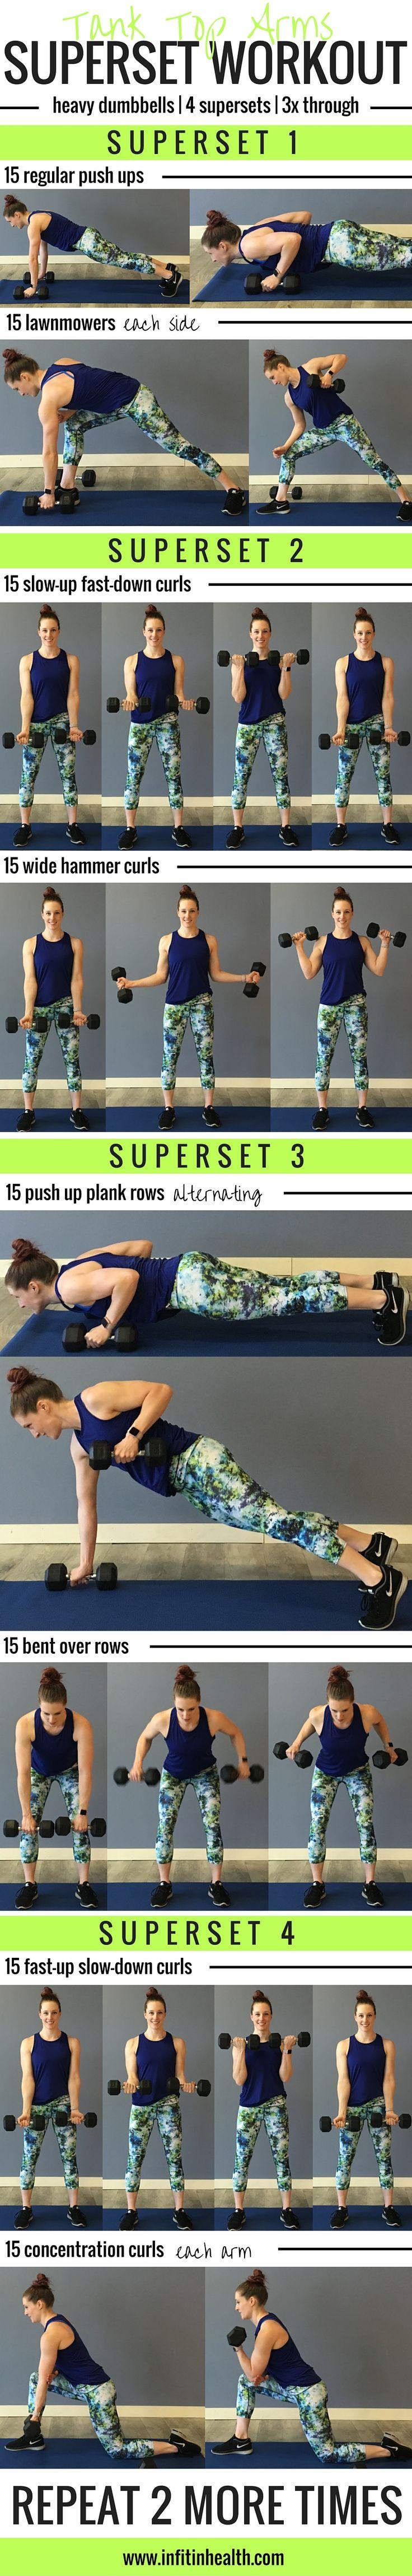 Tank Top Arms Superset Workout